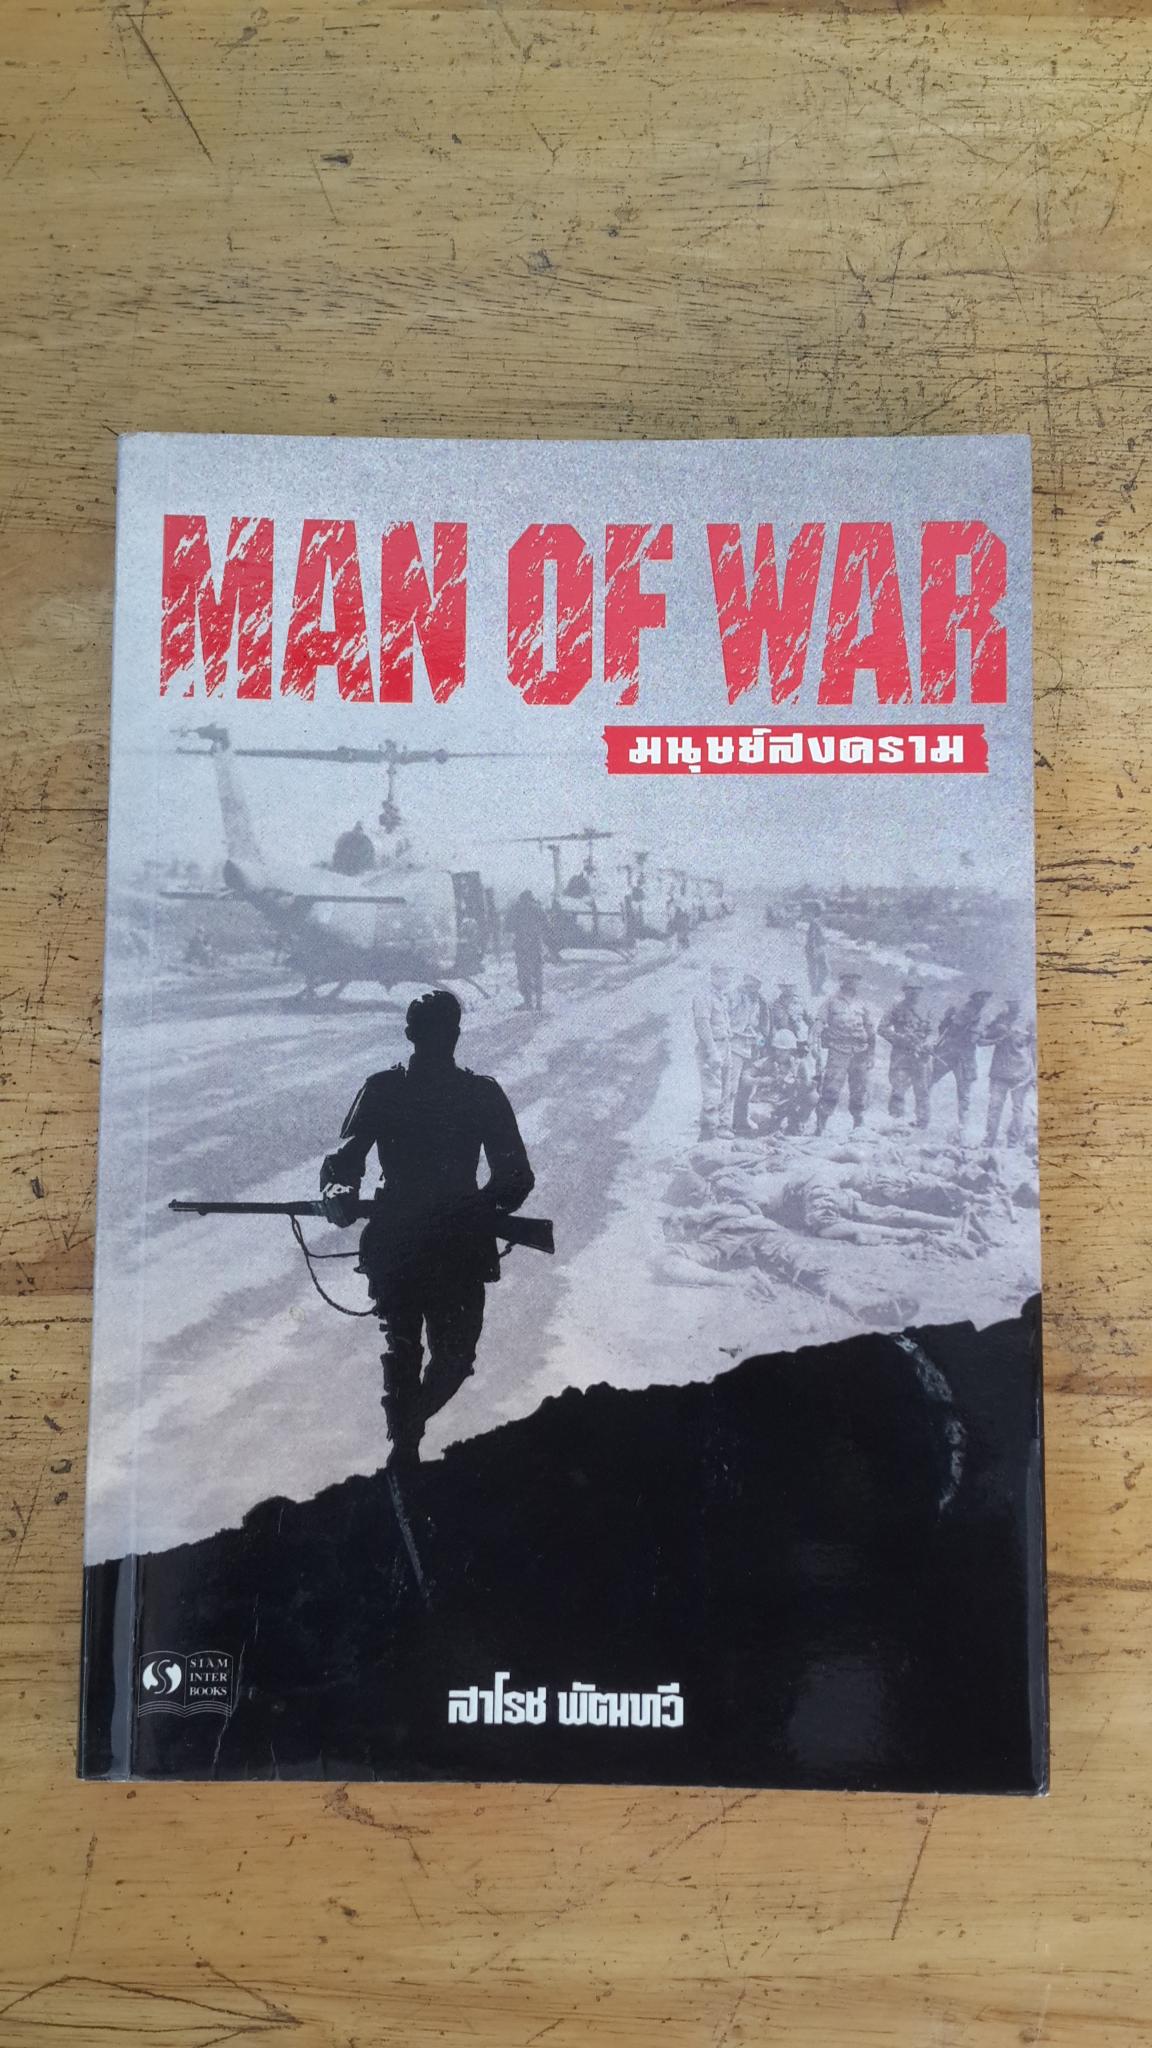 มนุษย์สงคราม / สาโรช พัฒทวี